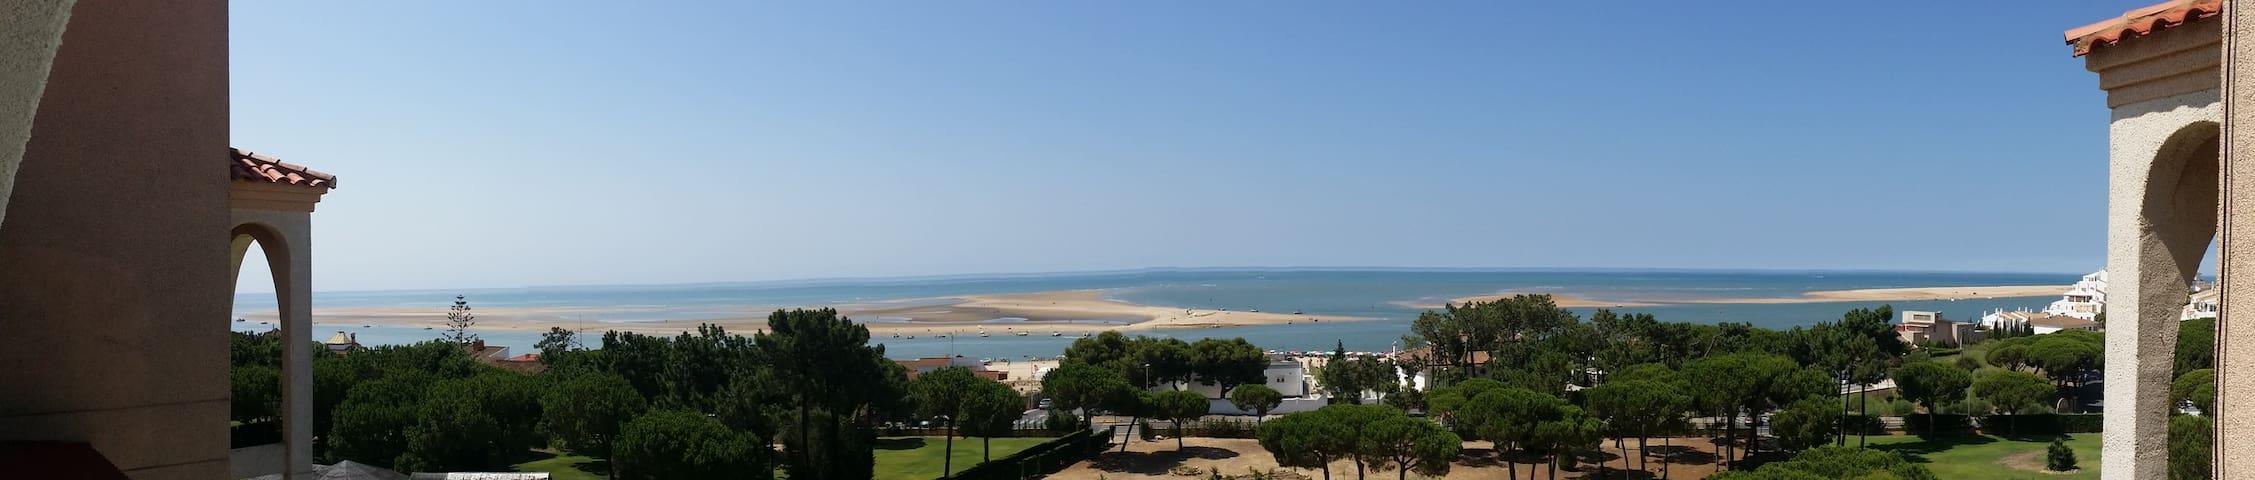 El Portil Punta Umbría 2 dormitorios 100 m. playa